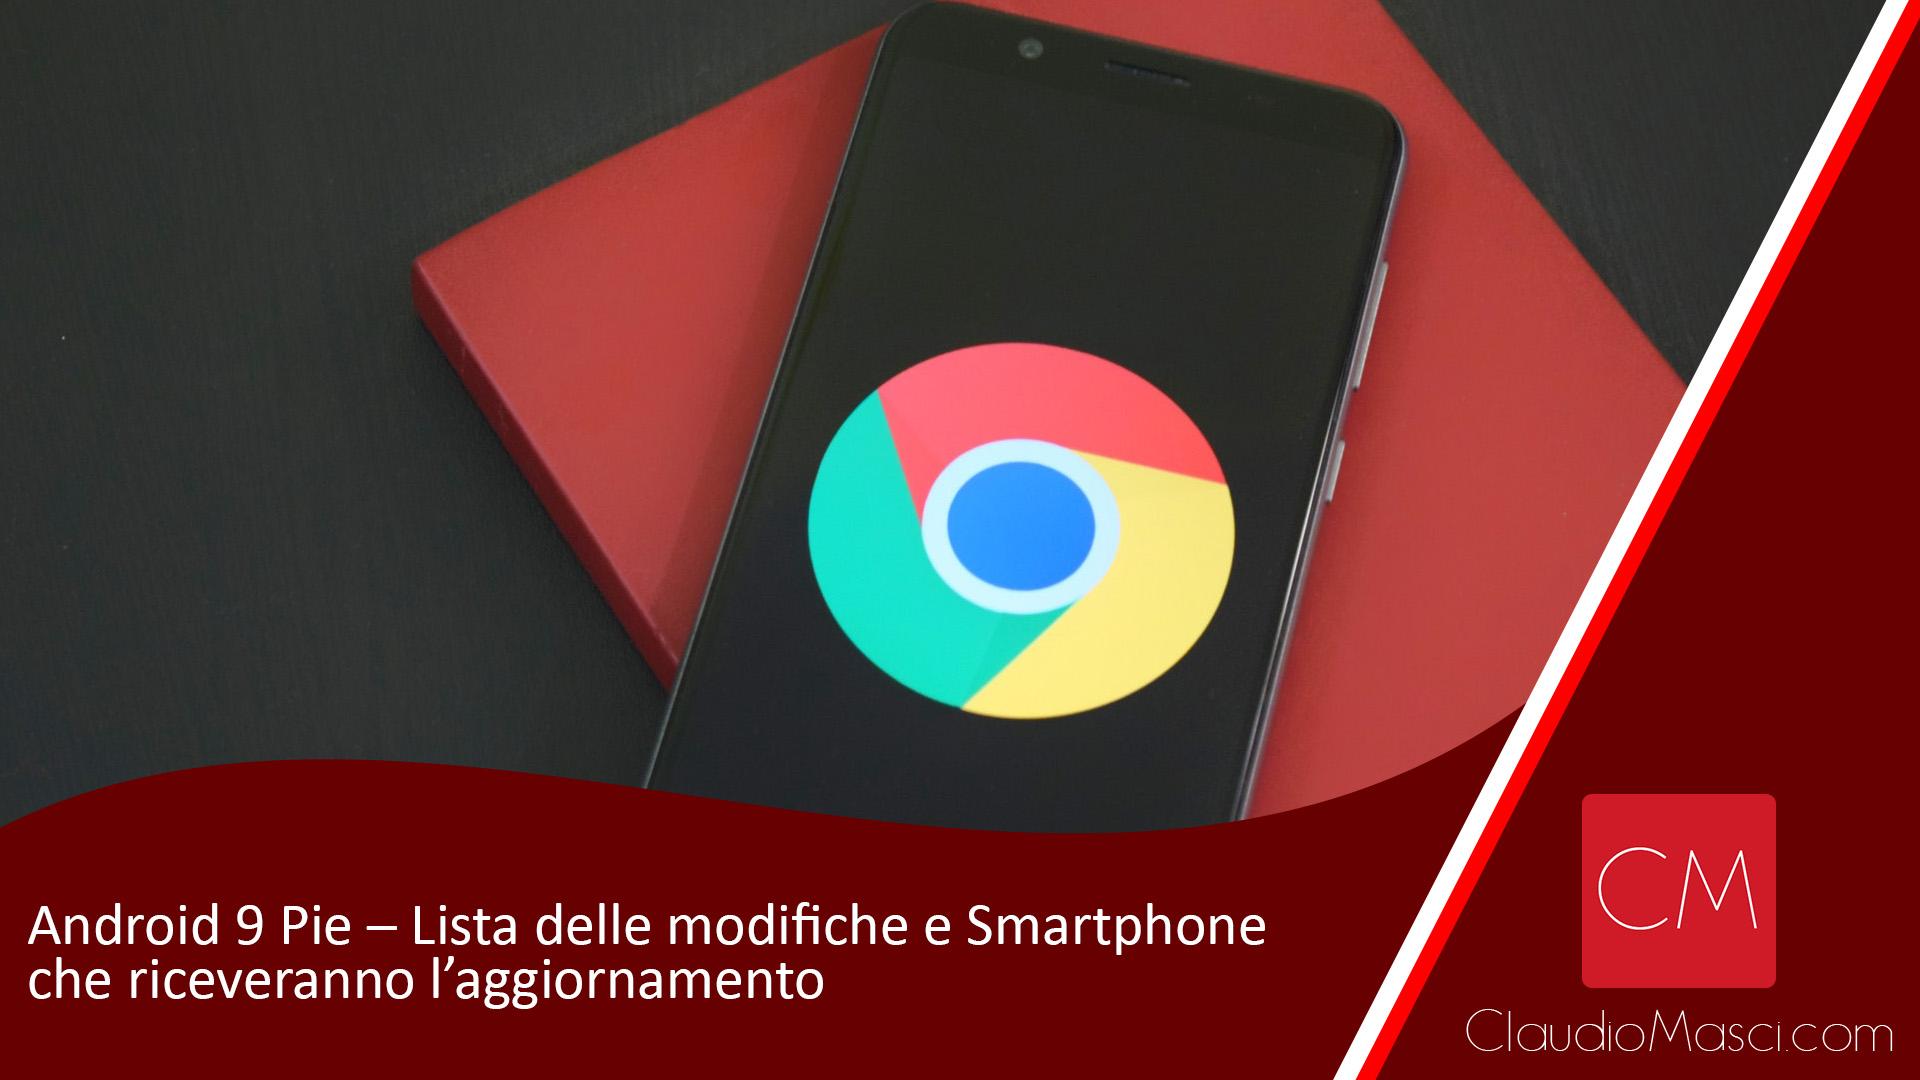 Android 9 Pie – Lista delle modifiche e Smartphone che riceveranno l'aggiornamento